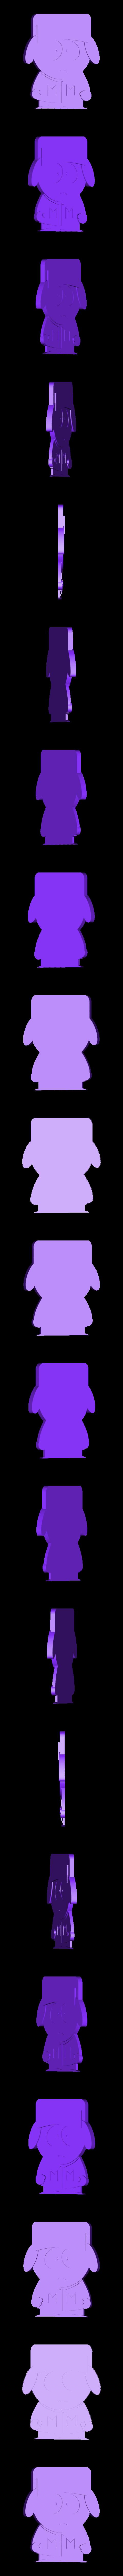 Kyle_no_hanger.stl Télécharger fichier STL gratuit Stan, Kyle, Kenny et Cartman - Personnages de South Park • Modèle à imprimer en 3D, ChaosCoreTech